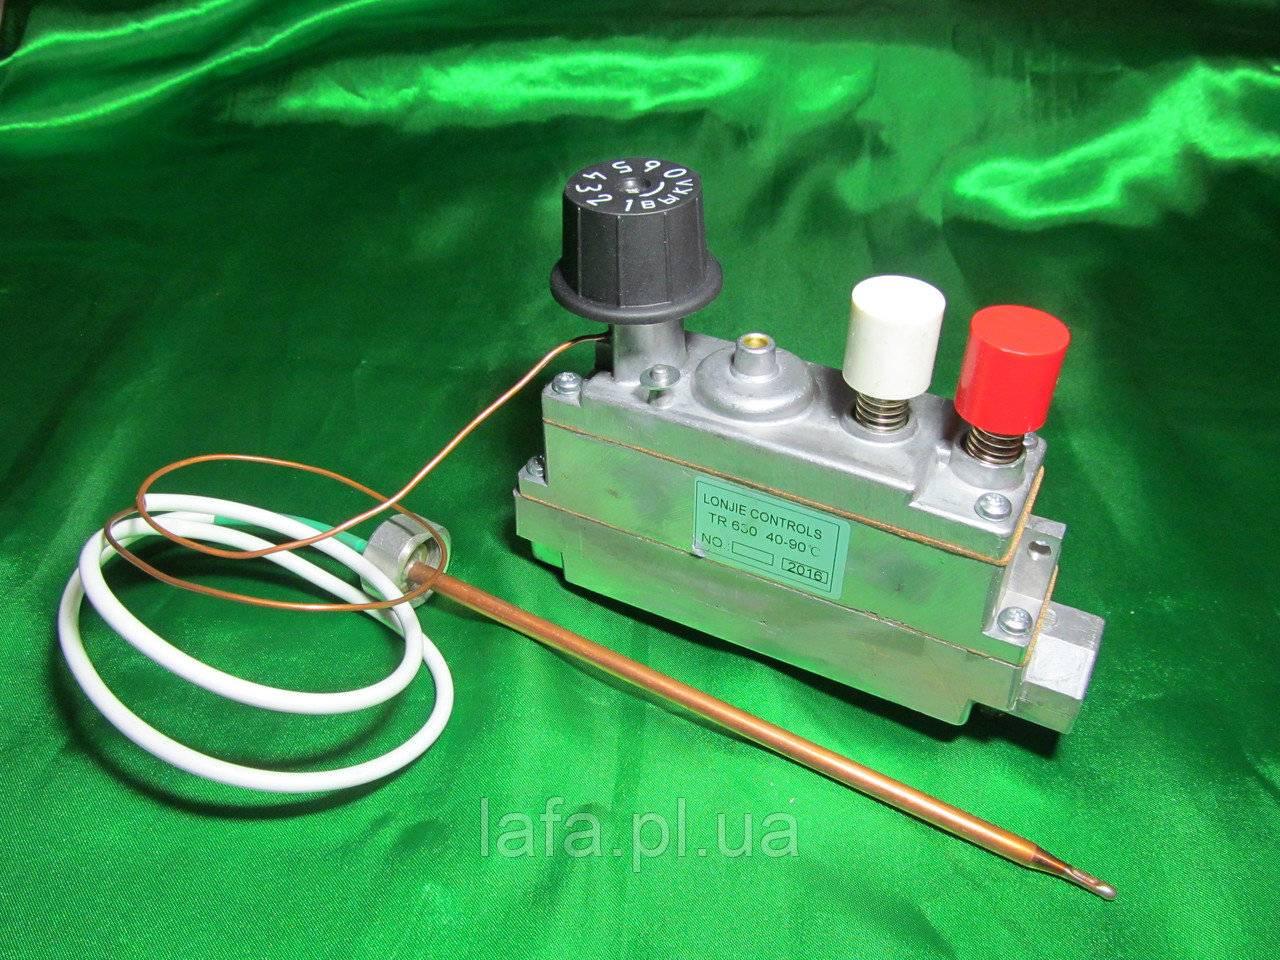 Настройка газового котла: регулировка мощности, как отрегулировать давление, регулируем краном подачи газа